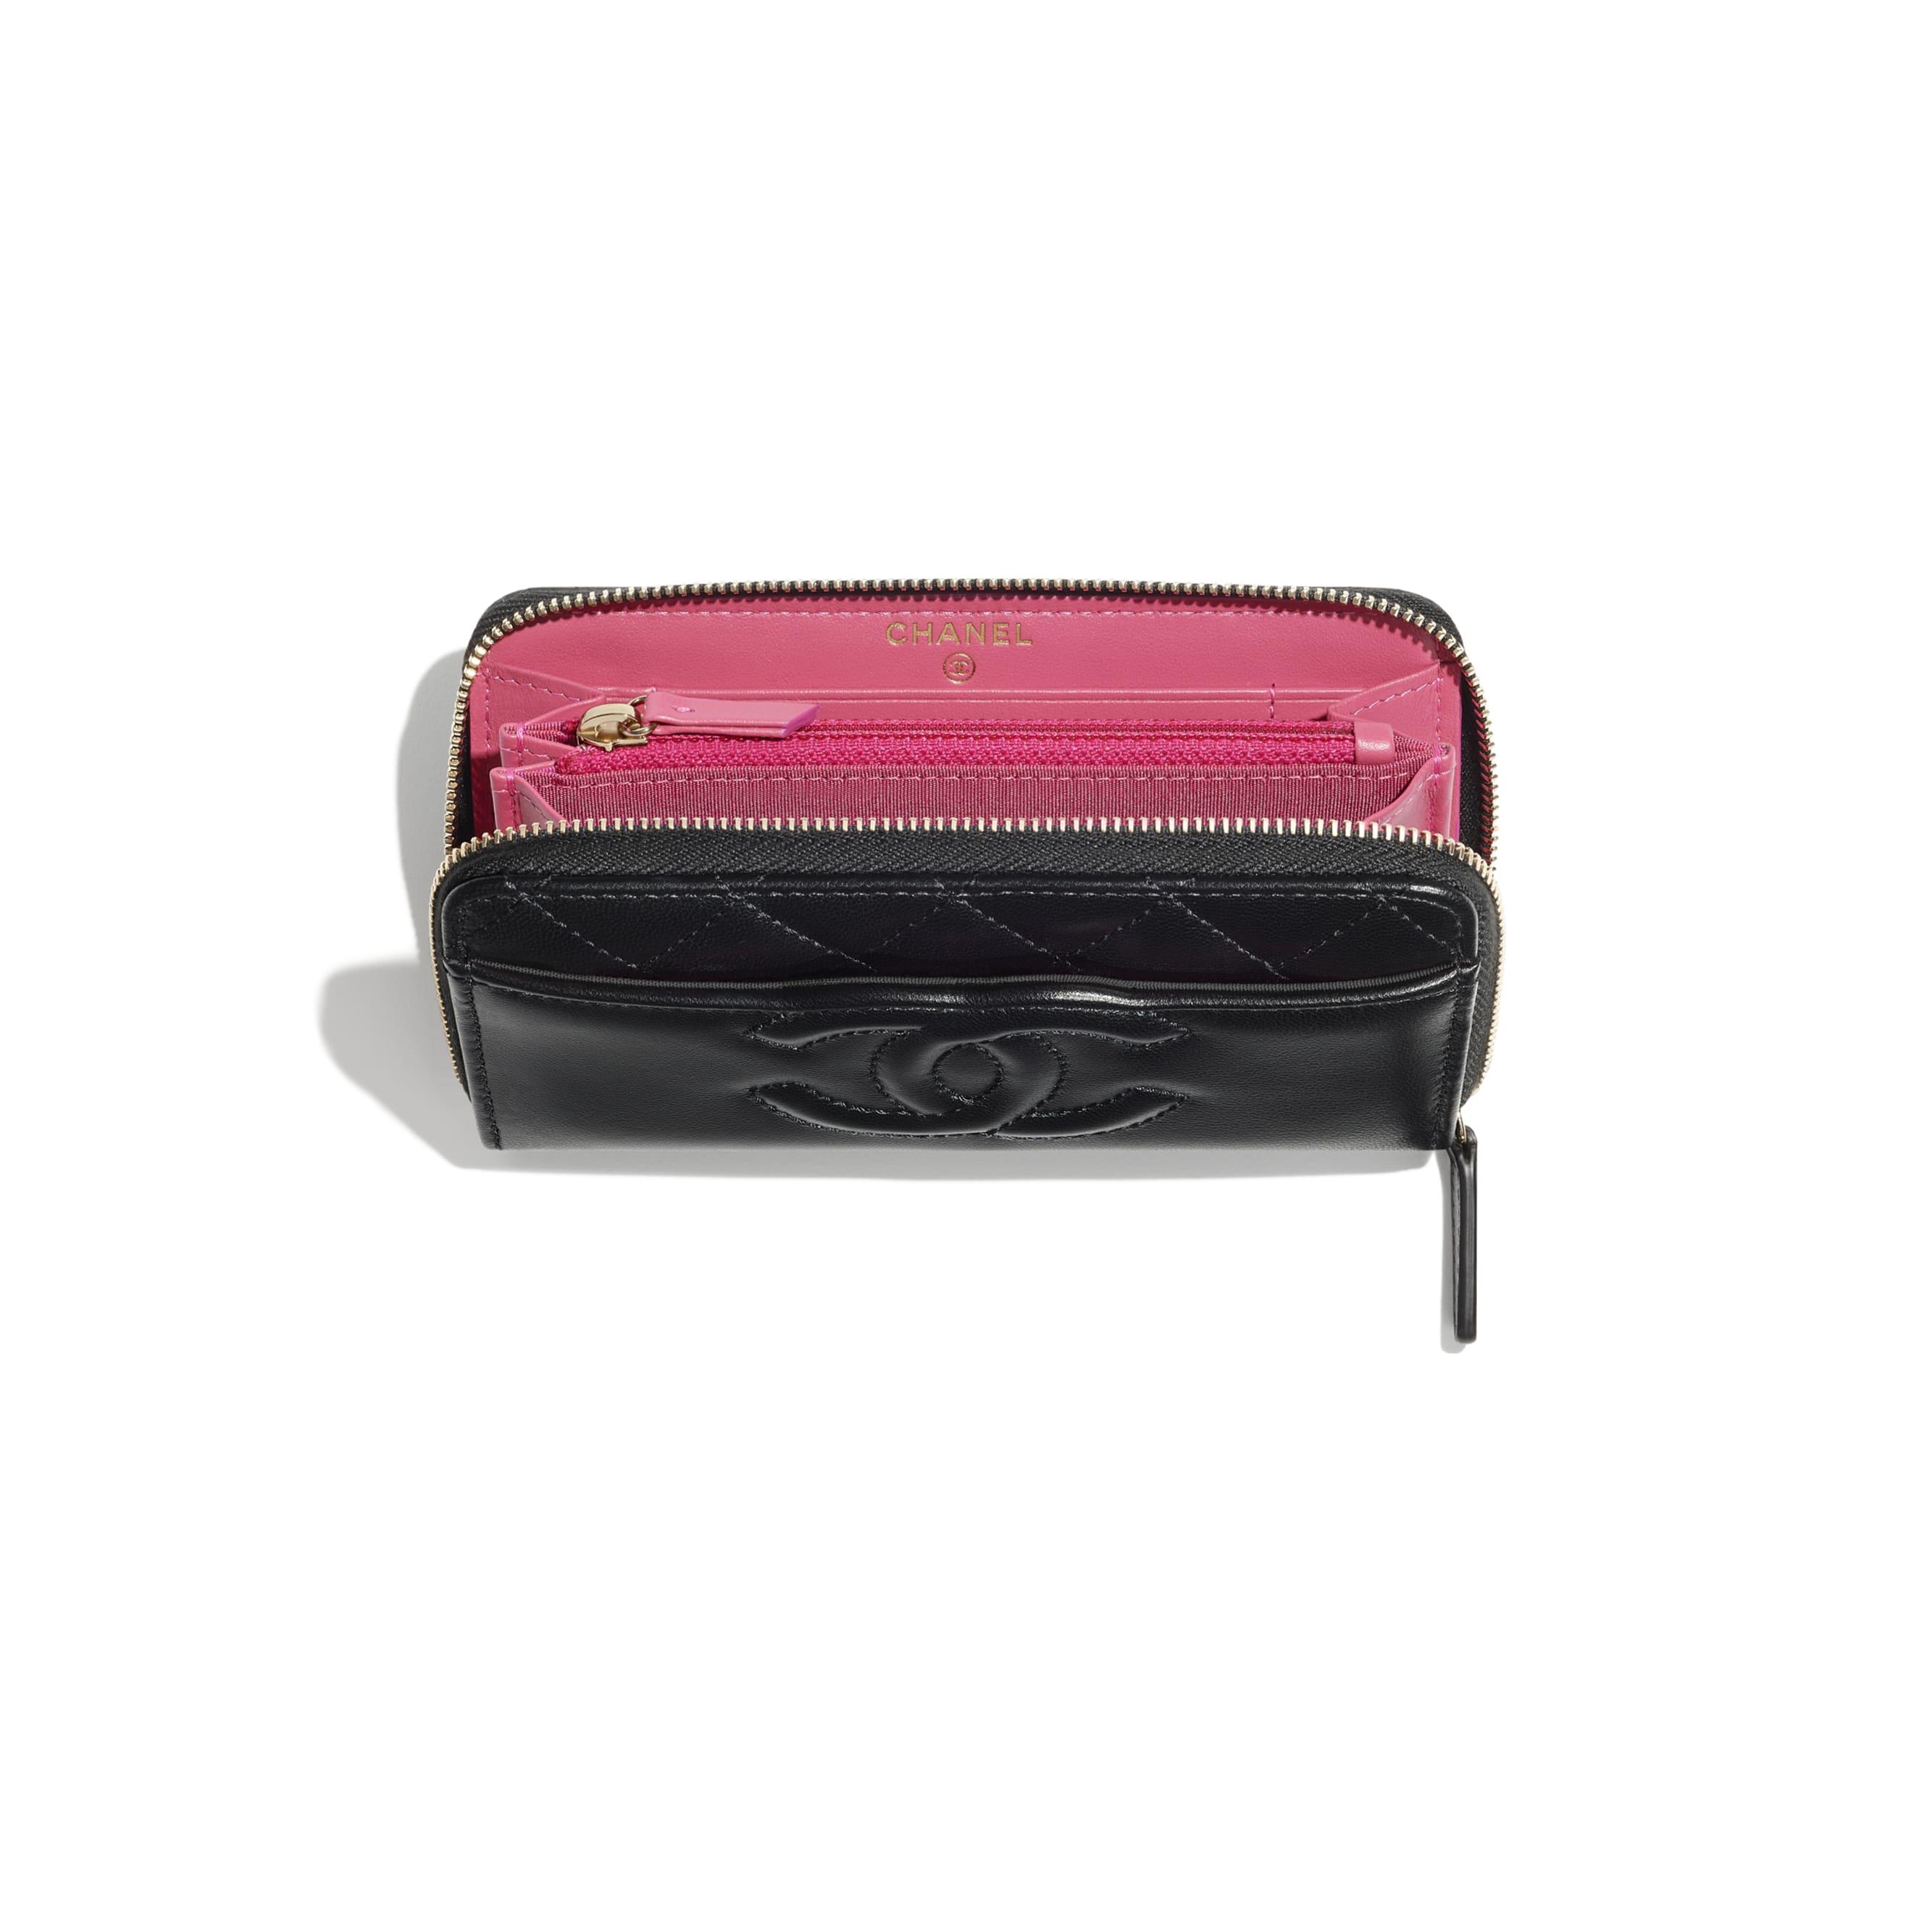 กระเป๋าสตางค์ตกแต่งซิป - สีดำ - หนังแพะและโลหะสีทอง - CHANEL - มุมมองอื่น - ดูเวอร์ชันขนาดมาตรฐาน